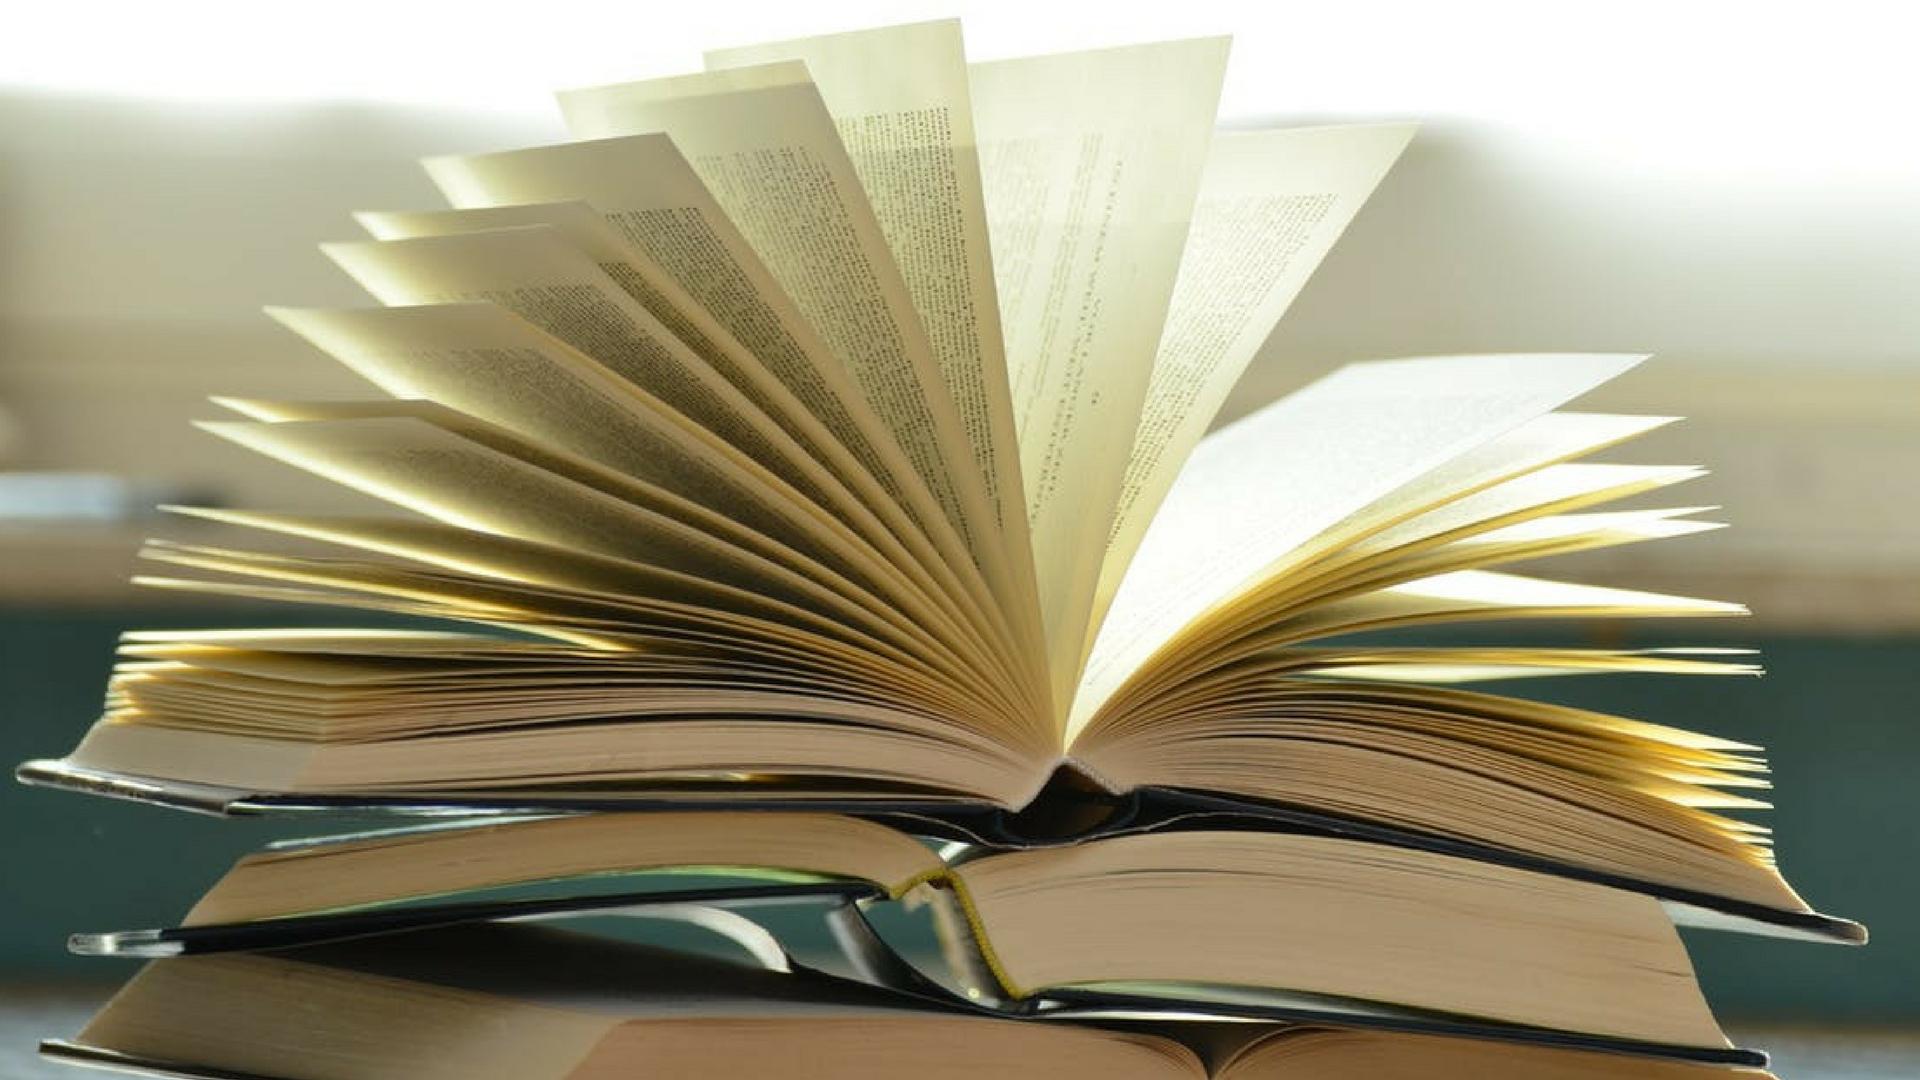 Elmer Baltazar, rejsen til arkadia, tobias bukkehave, fantasy, børnebøger, ferielæsning, børnebøger til vinterferien, højtlæsning, bøger til tweens, tips til at skrive, sådan bliver du forfatter, bliv forfatter, skrivetips